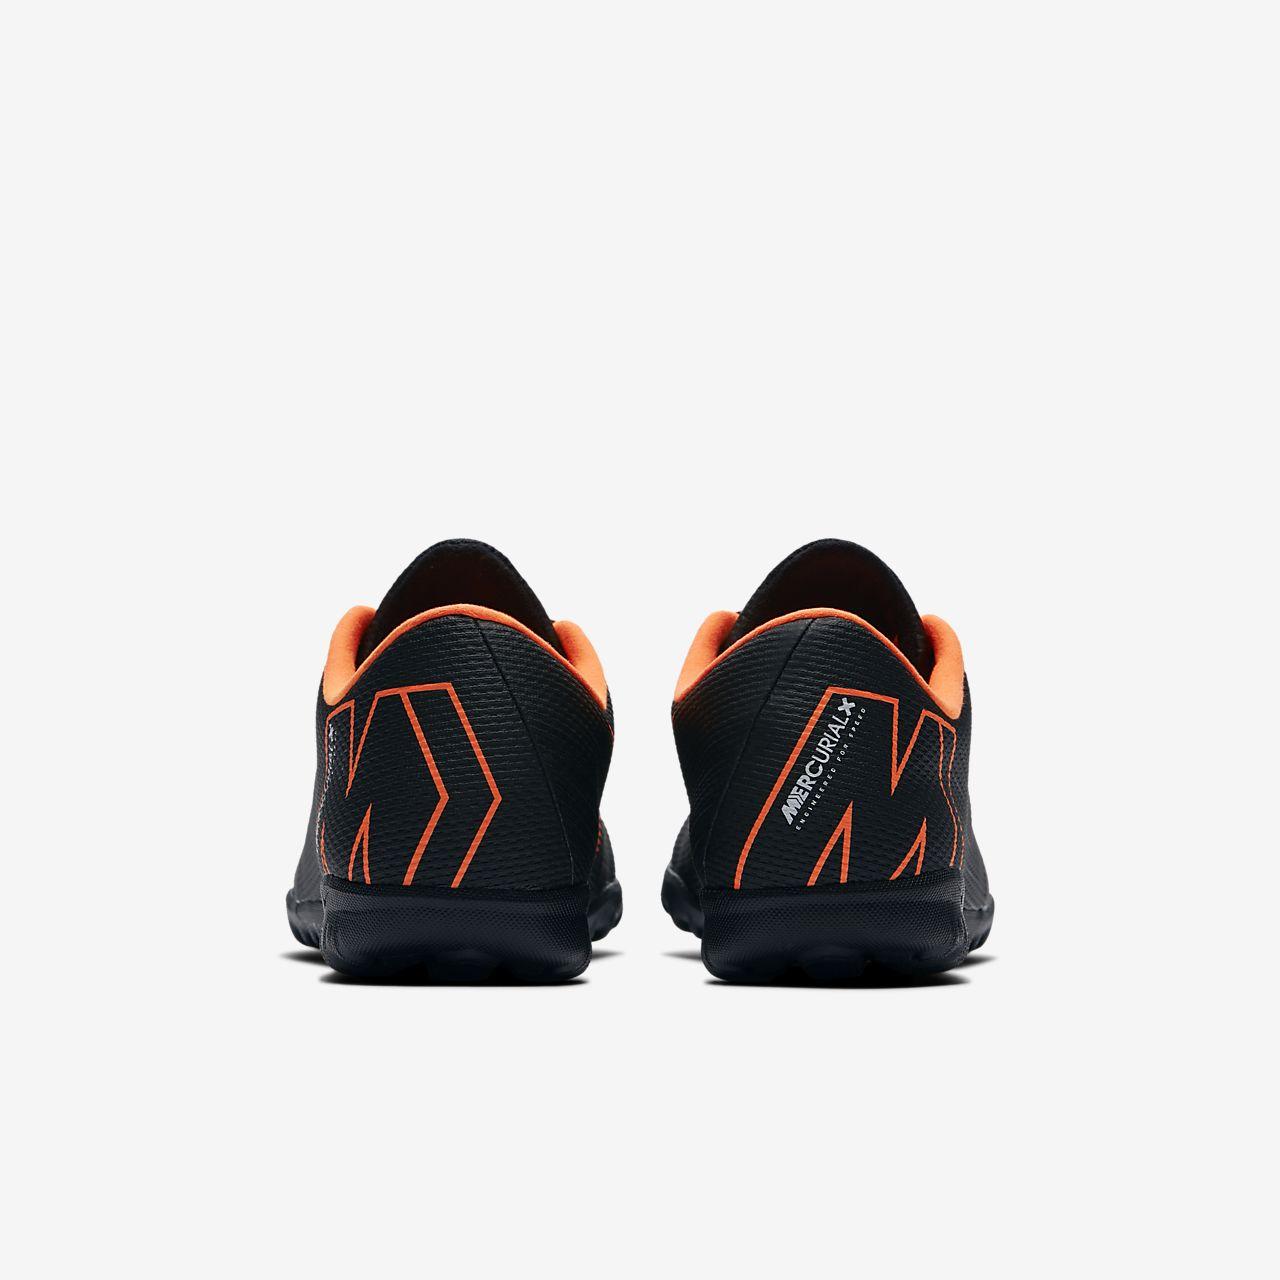 Nike MercurialX MercurialX MercurialX Vapor XII Academy Fußballschuh für Turf    | Großhandel  2e70e5